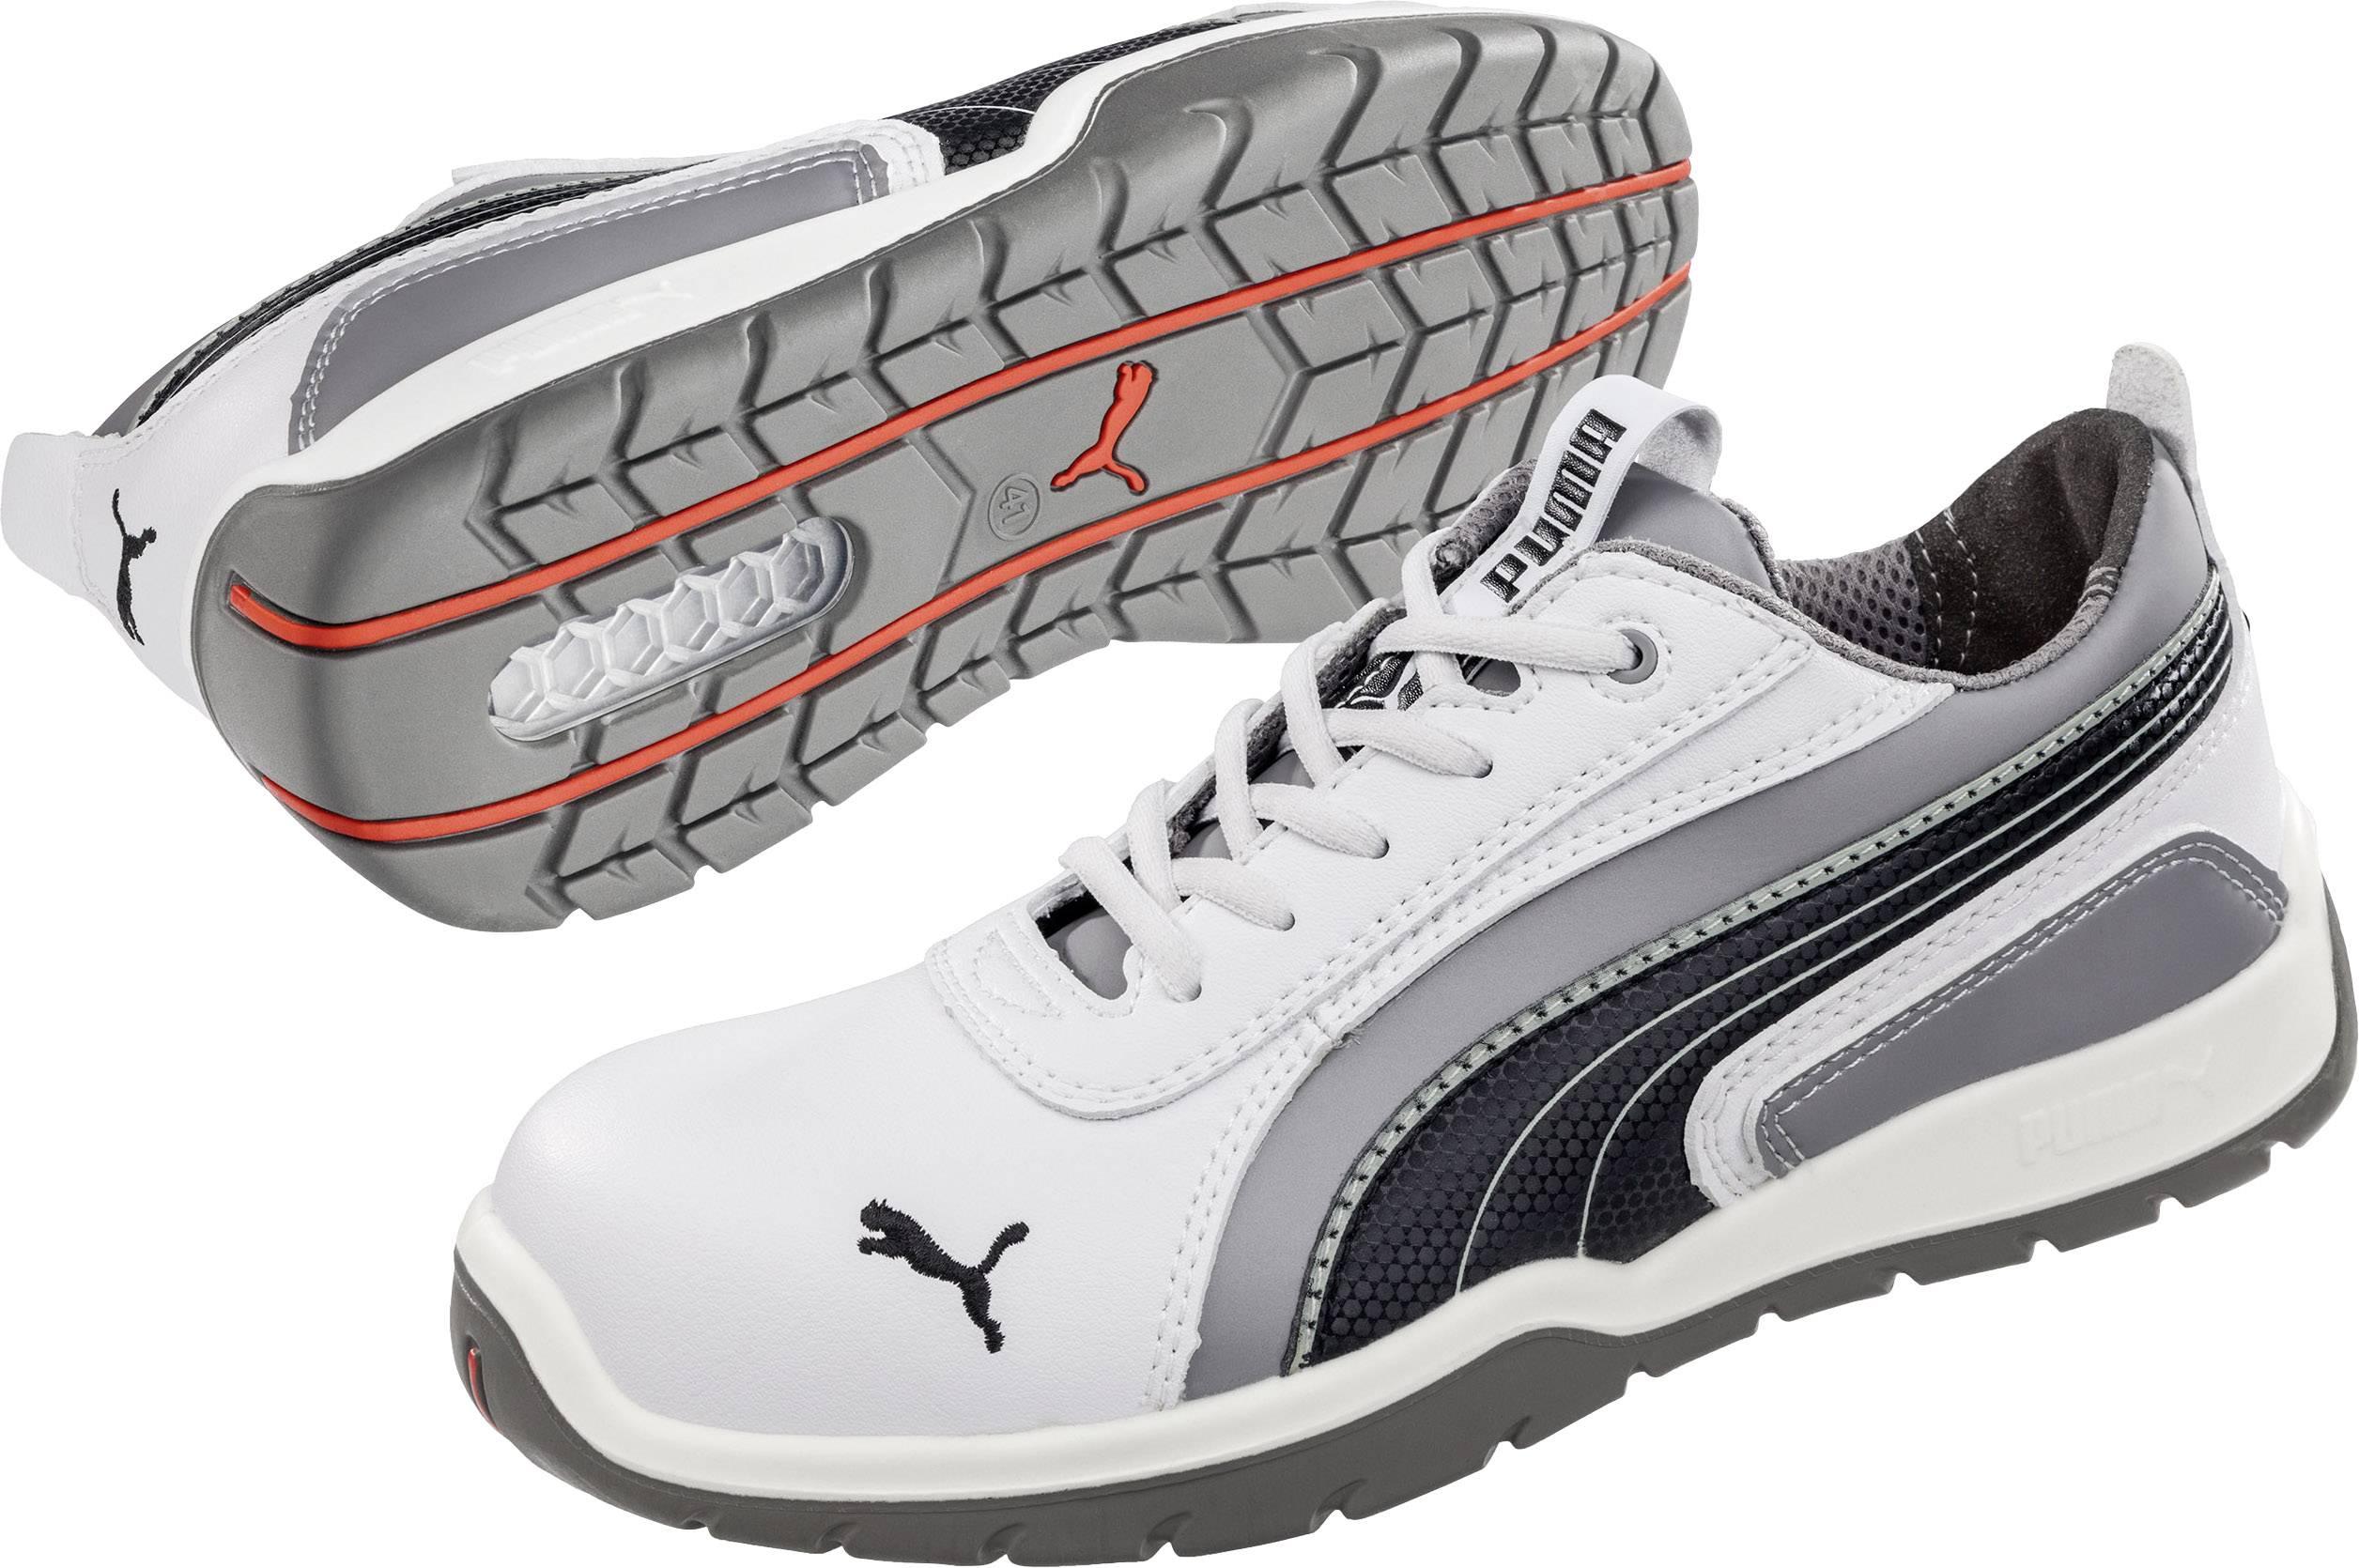 ch sécurité sécurité de sécurité Chaussures ch de conrad de Chaussures conrad conrad ch Chaussures qwFCW6p